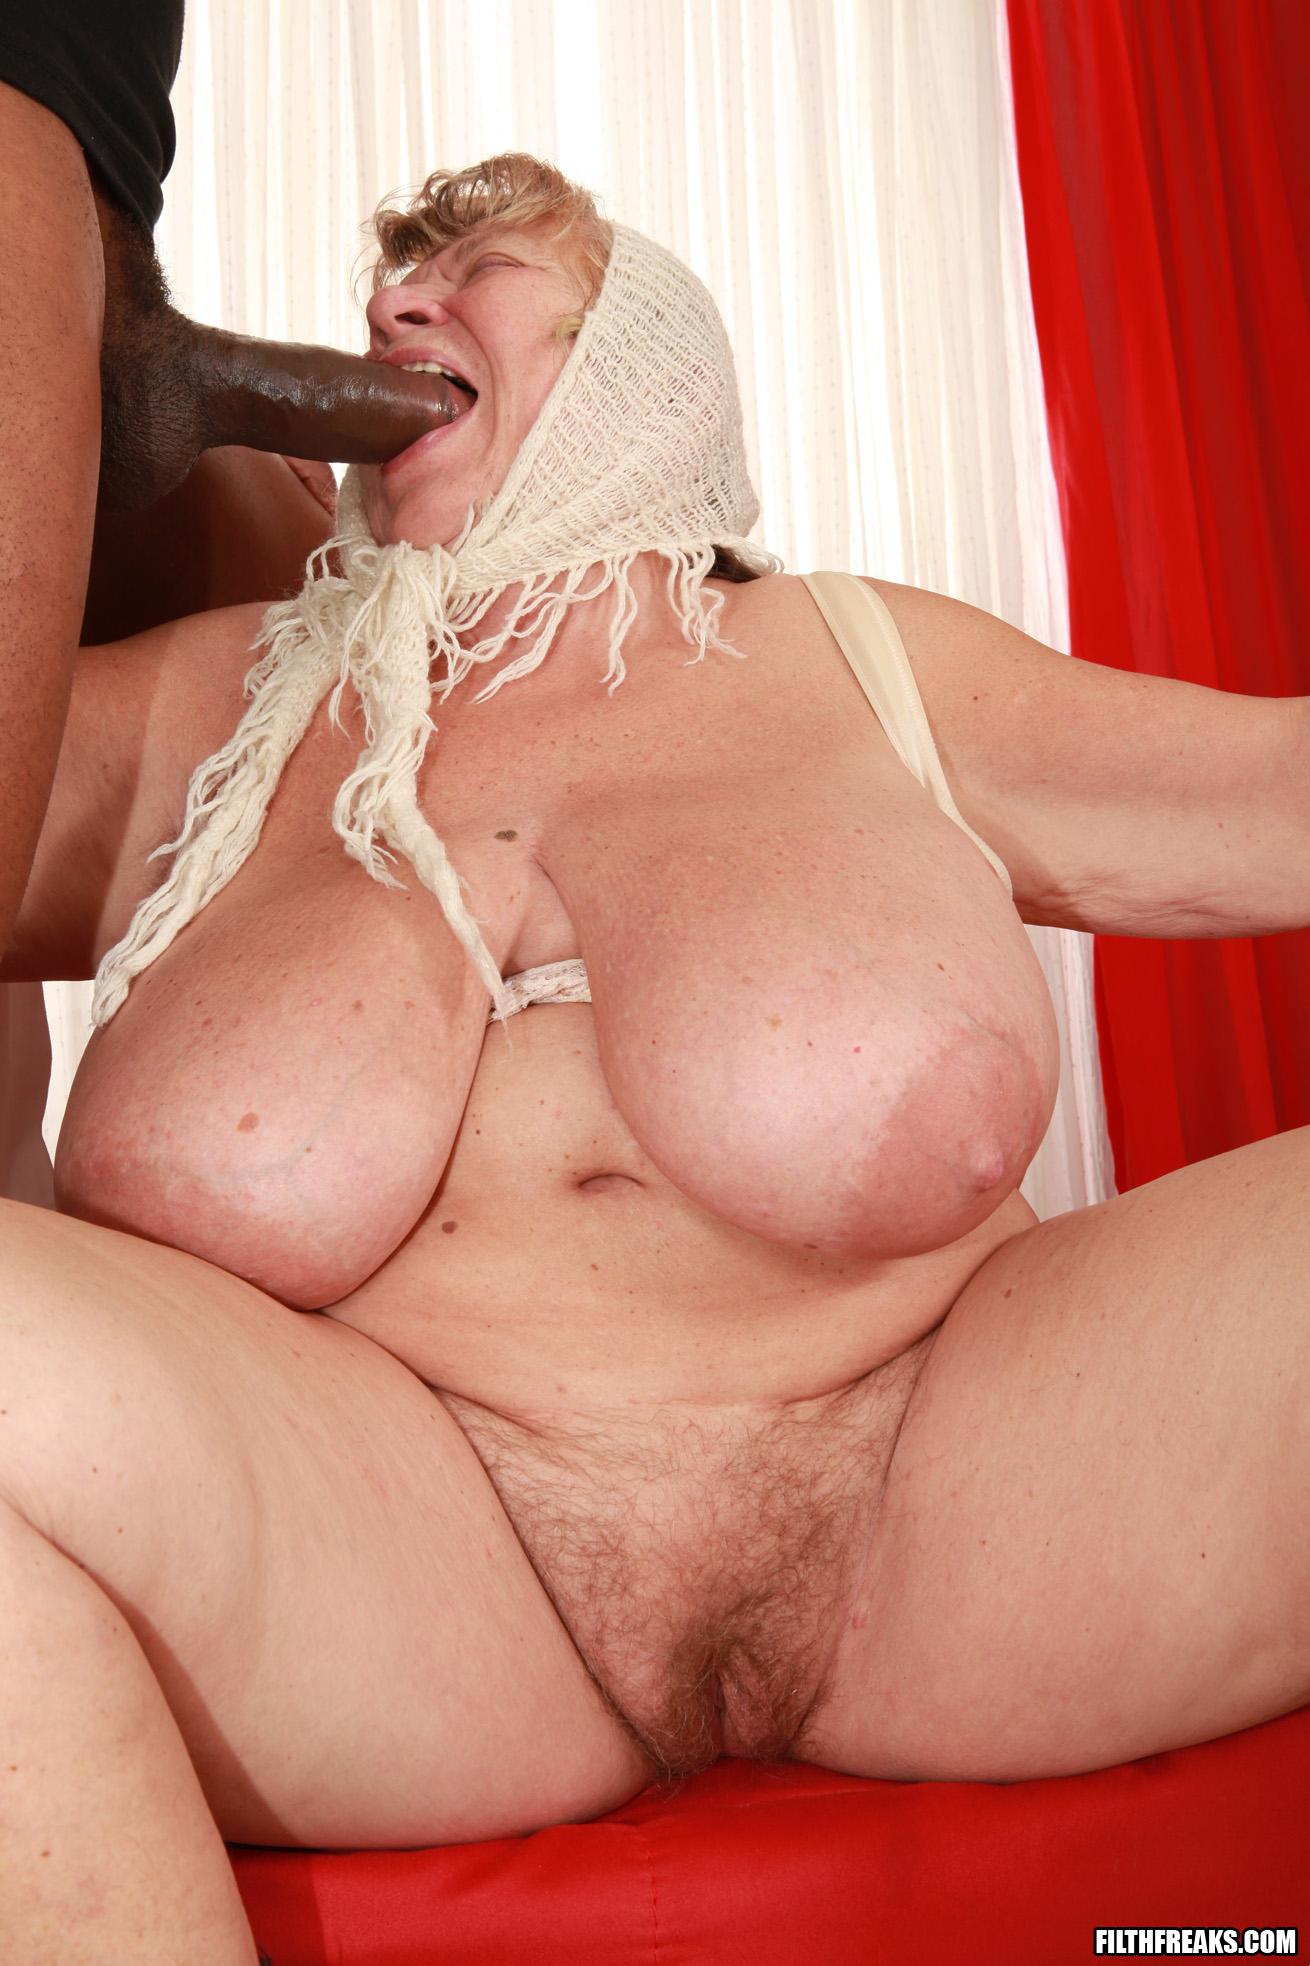 Толстяки порно видео порно старые толстые лесбиянки с большими сиськами